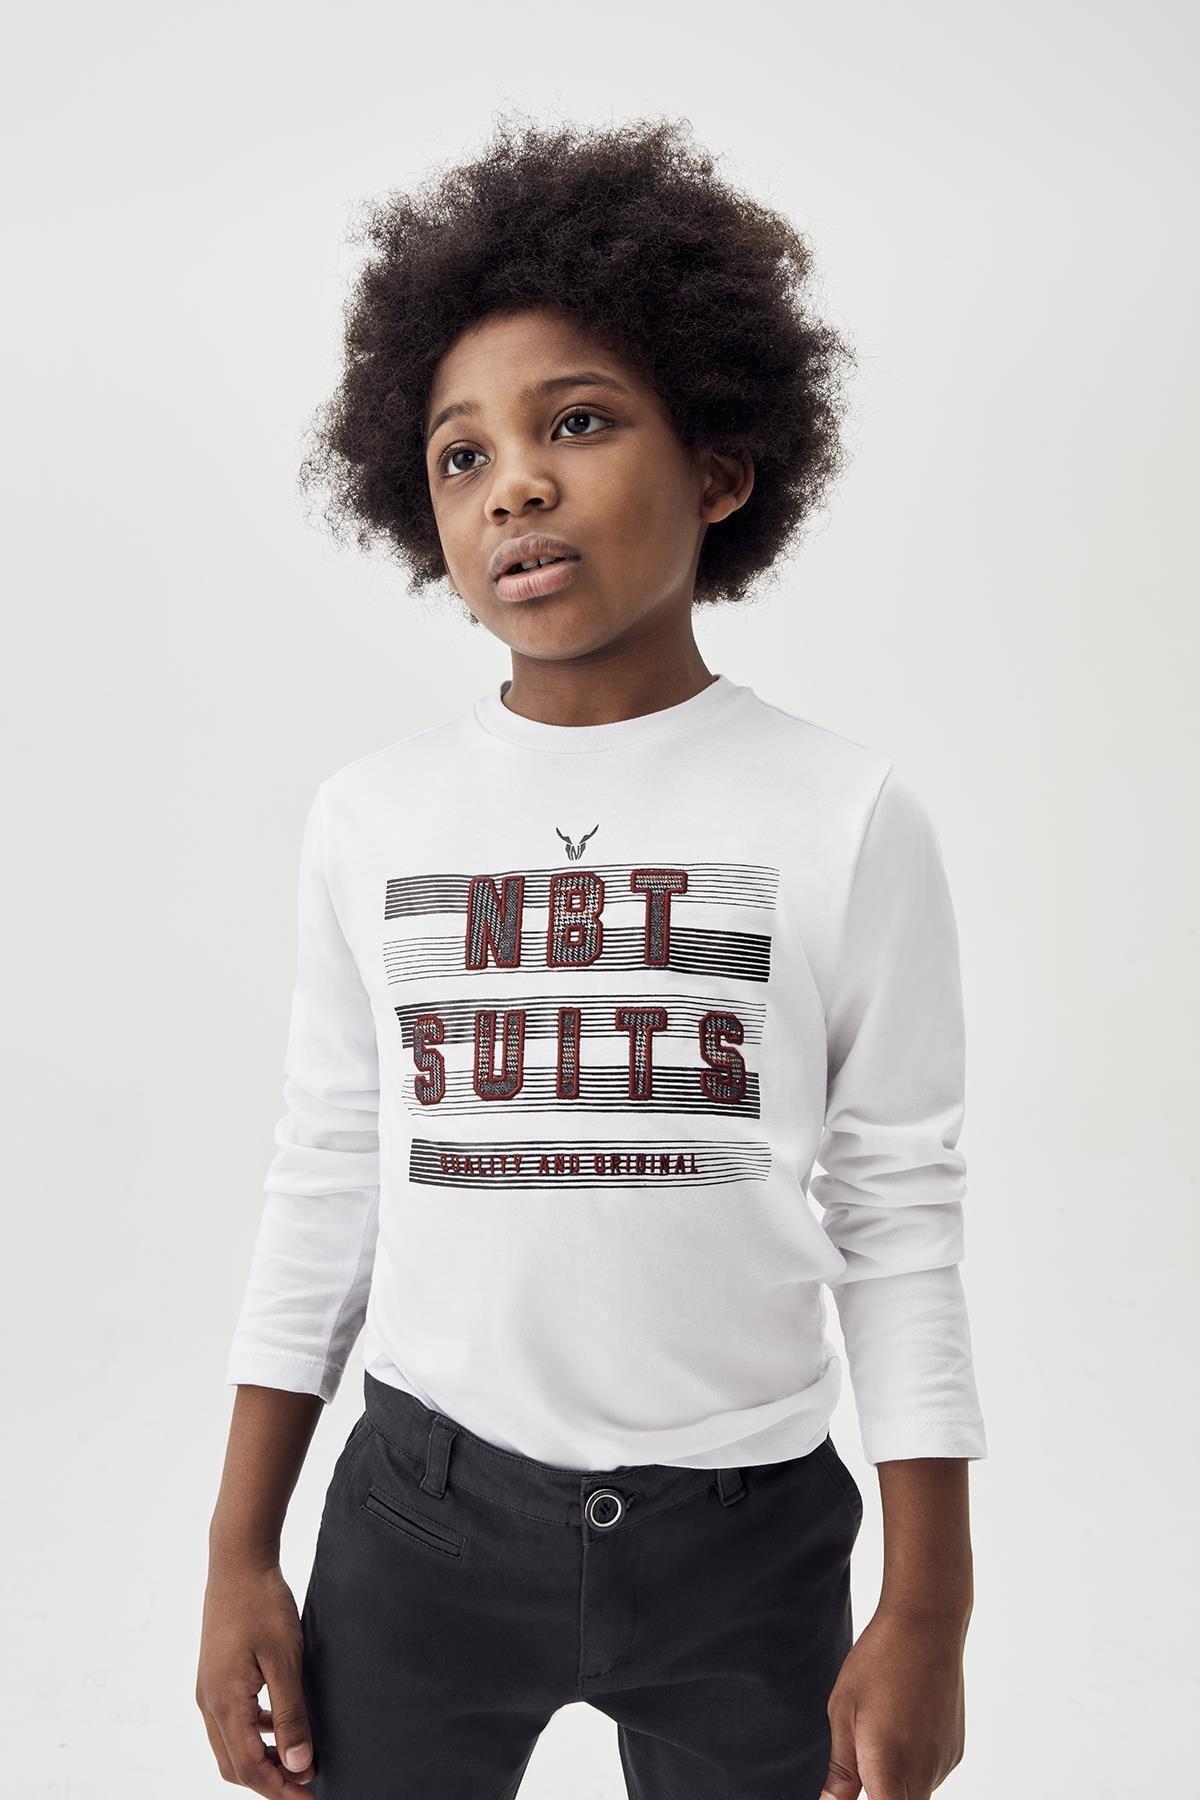 Nebbati Erkek Çocuk Ekru T-shirt 20fw0nb3522 1